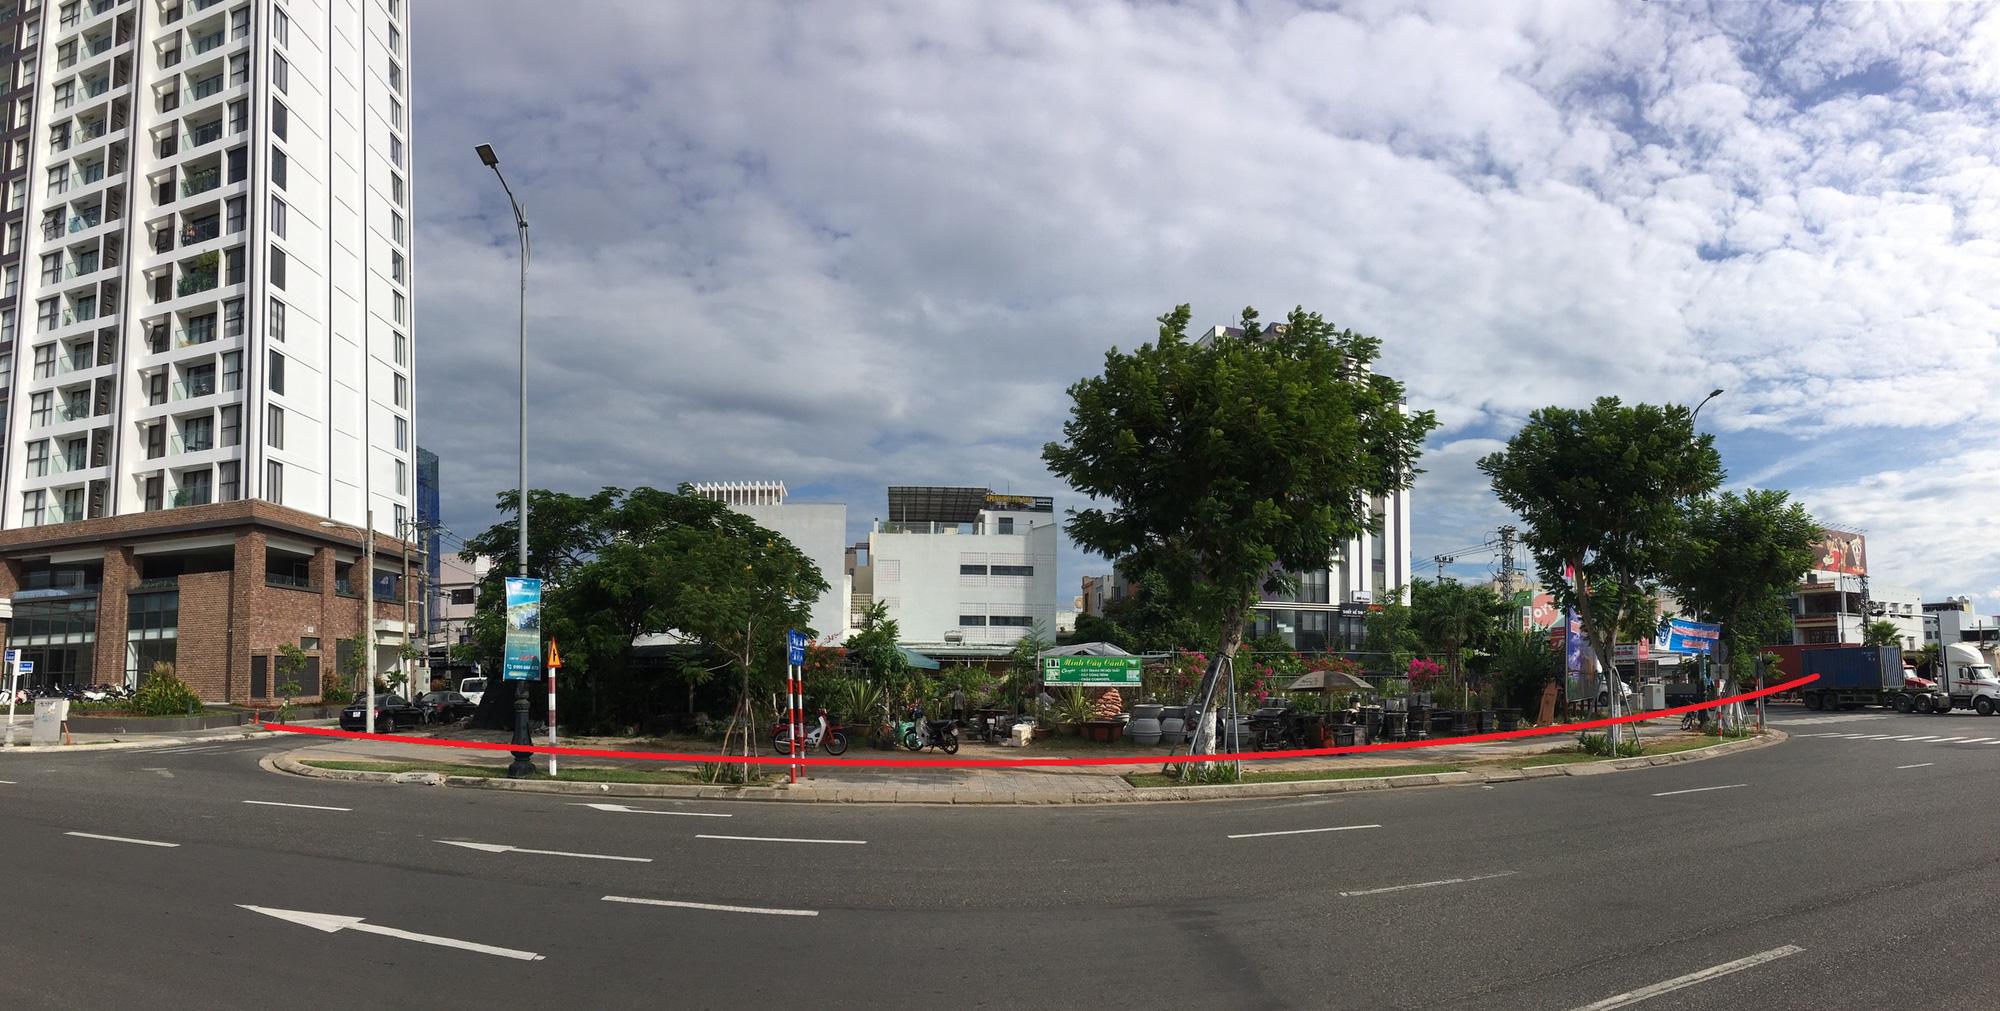 Cận cảnh hai khu đất mặt tiền đường Võ Văn Kiệt - Ngô Quyền, Đà Nẵng sẽ đấu giá xây dựng dự án cao 30 tầng - Ảnh 9.